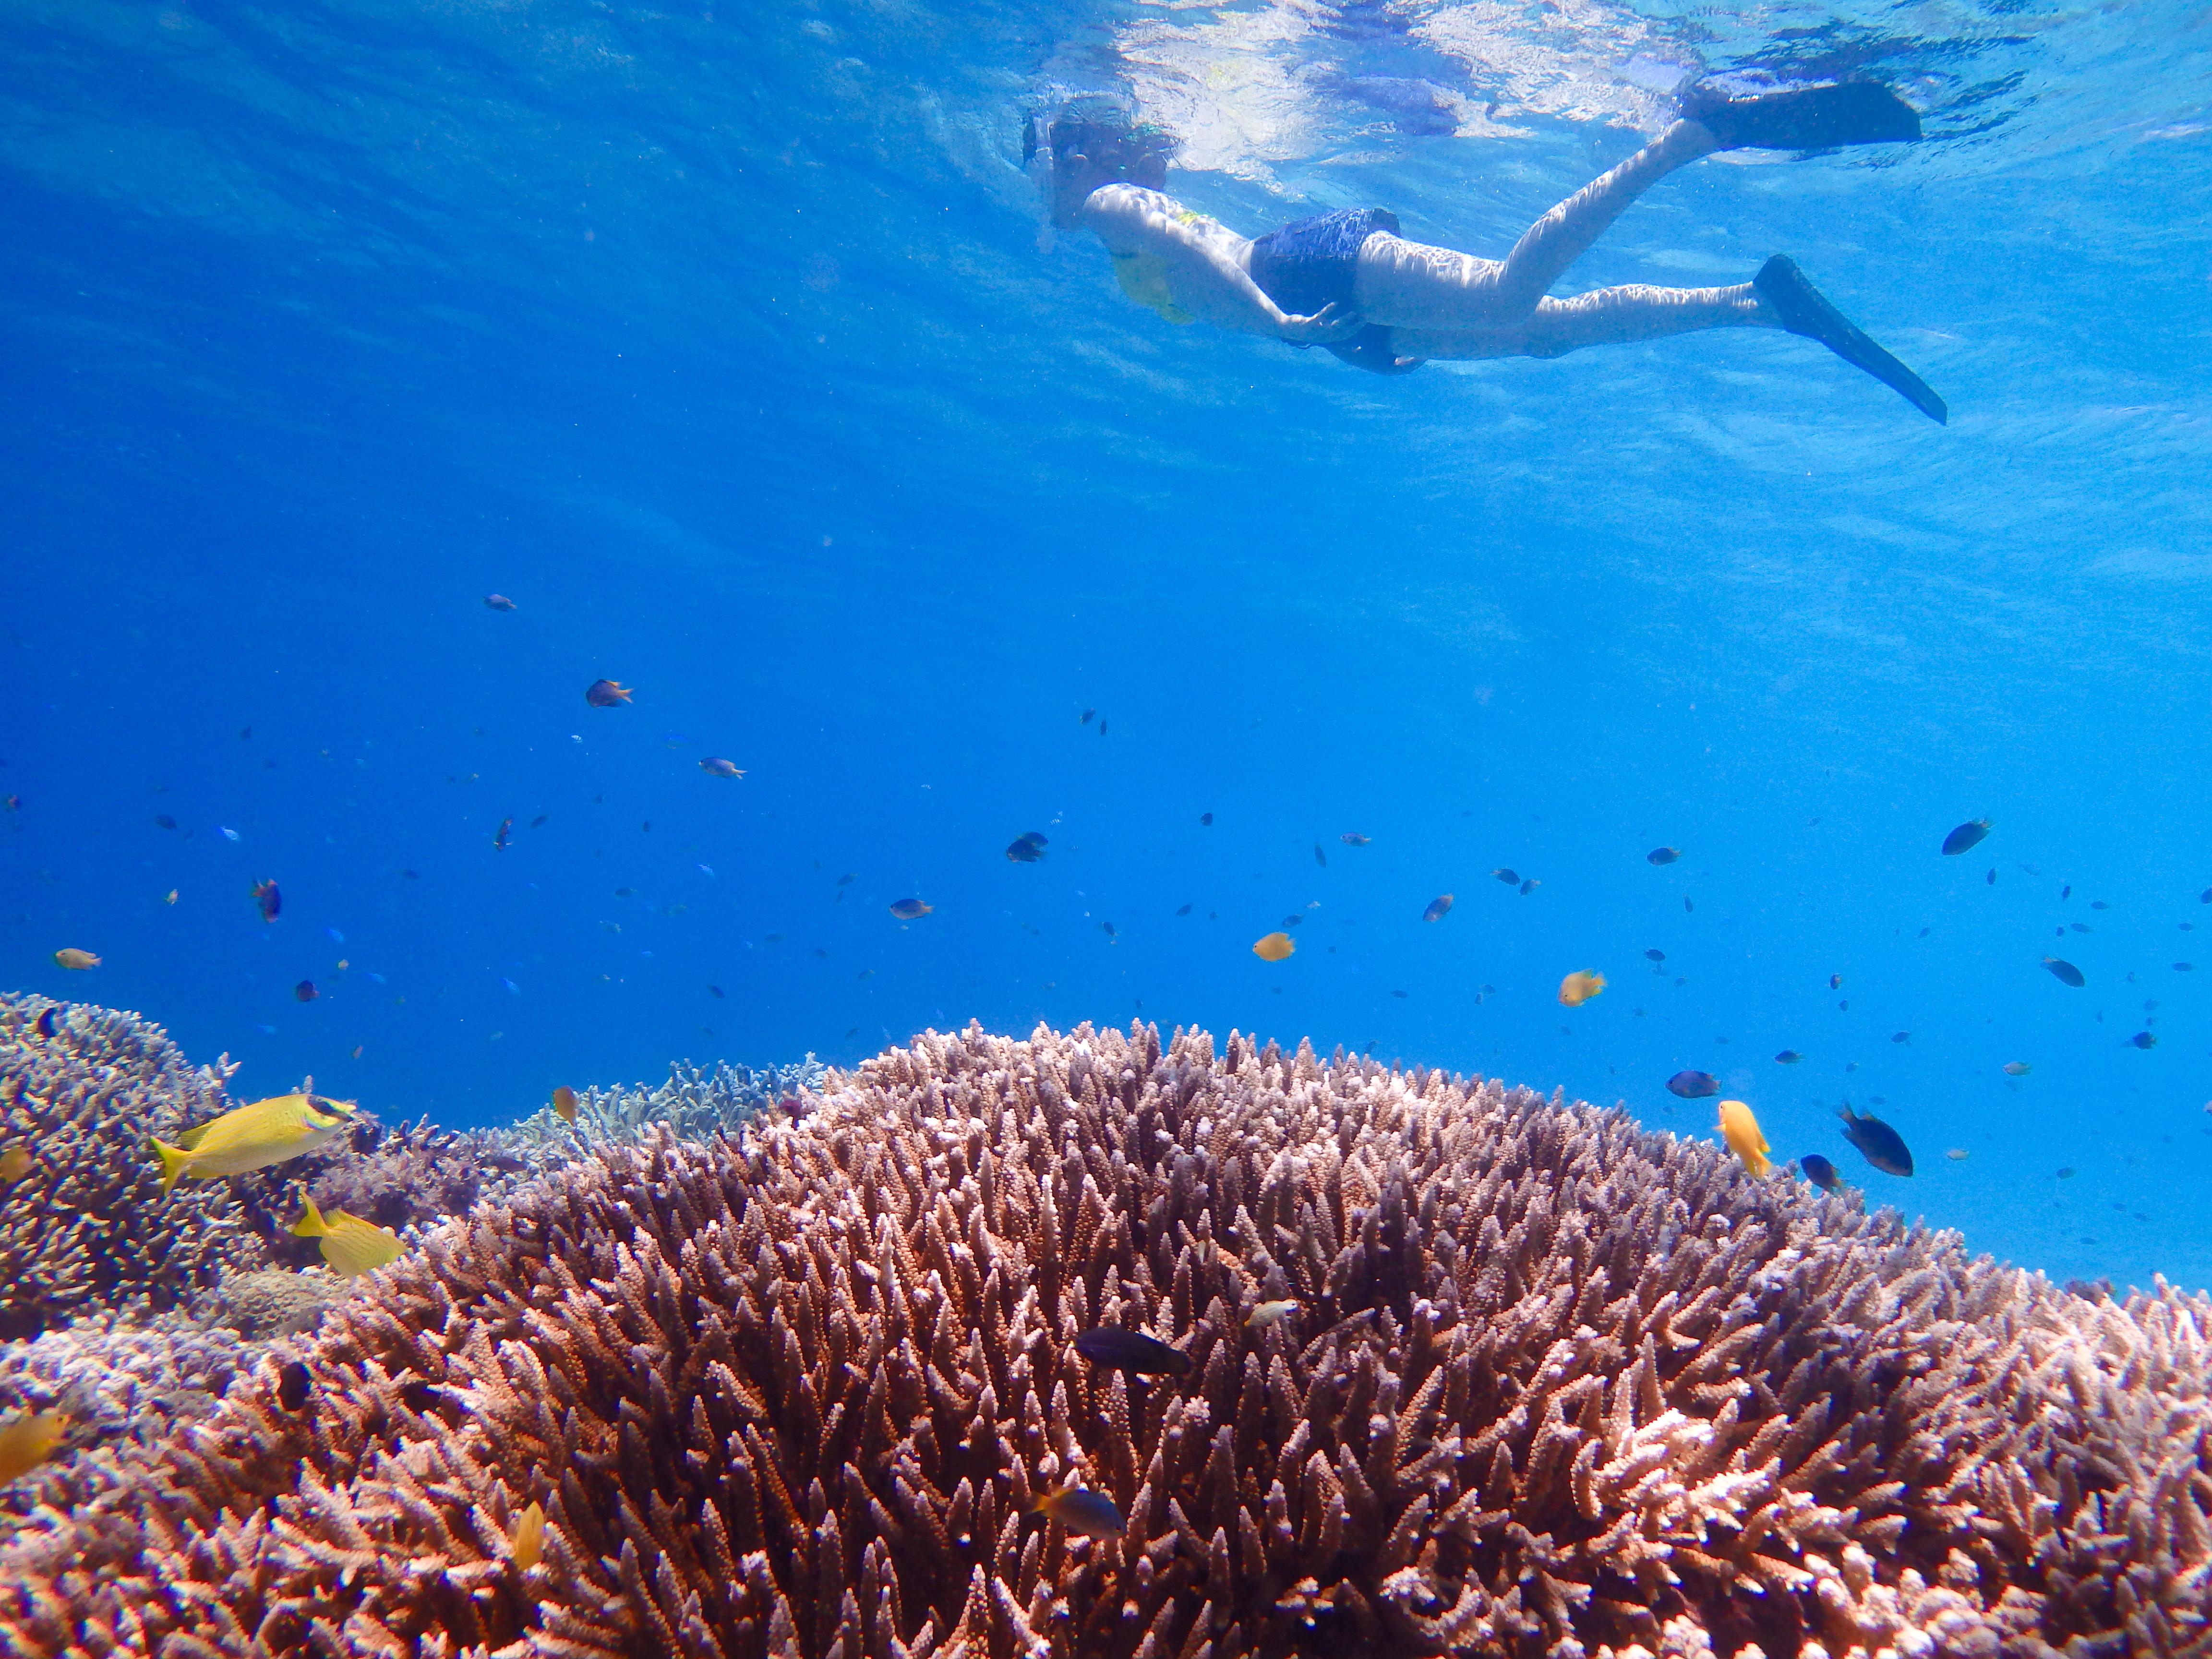 竹富島周辺の石西礁湖にてシュノーケリング